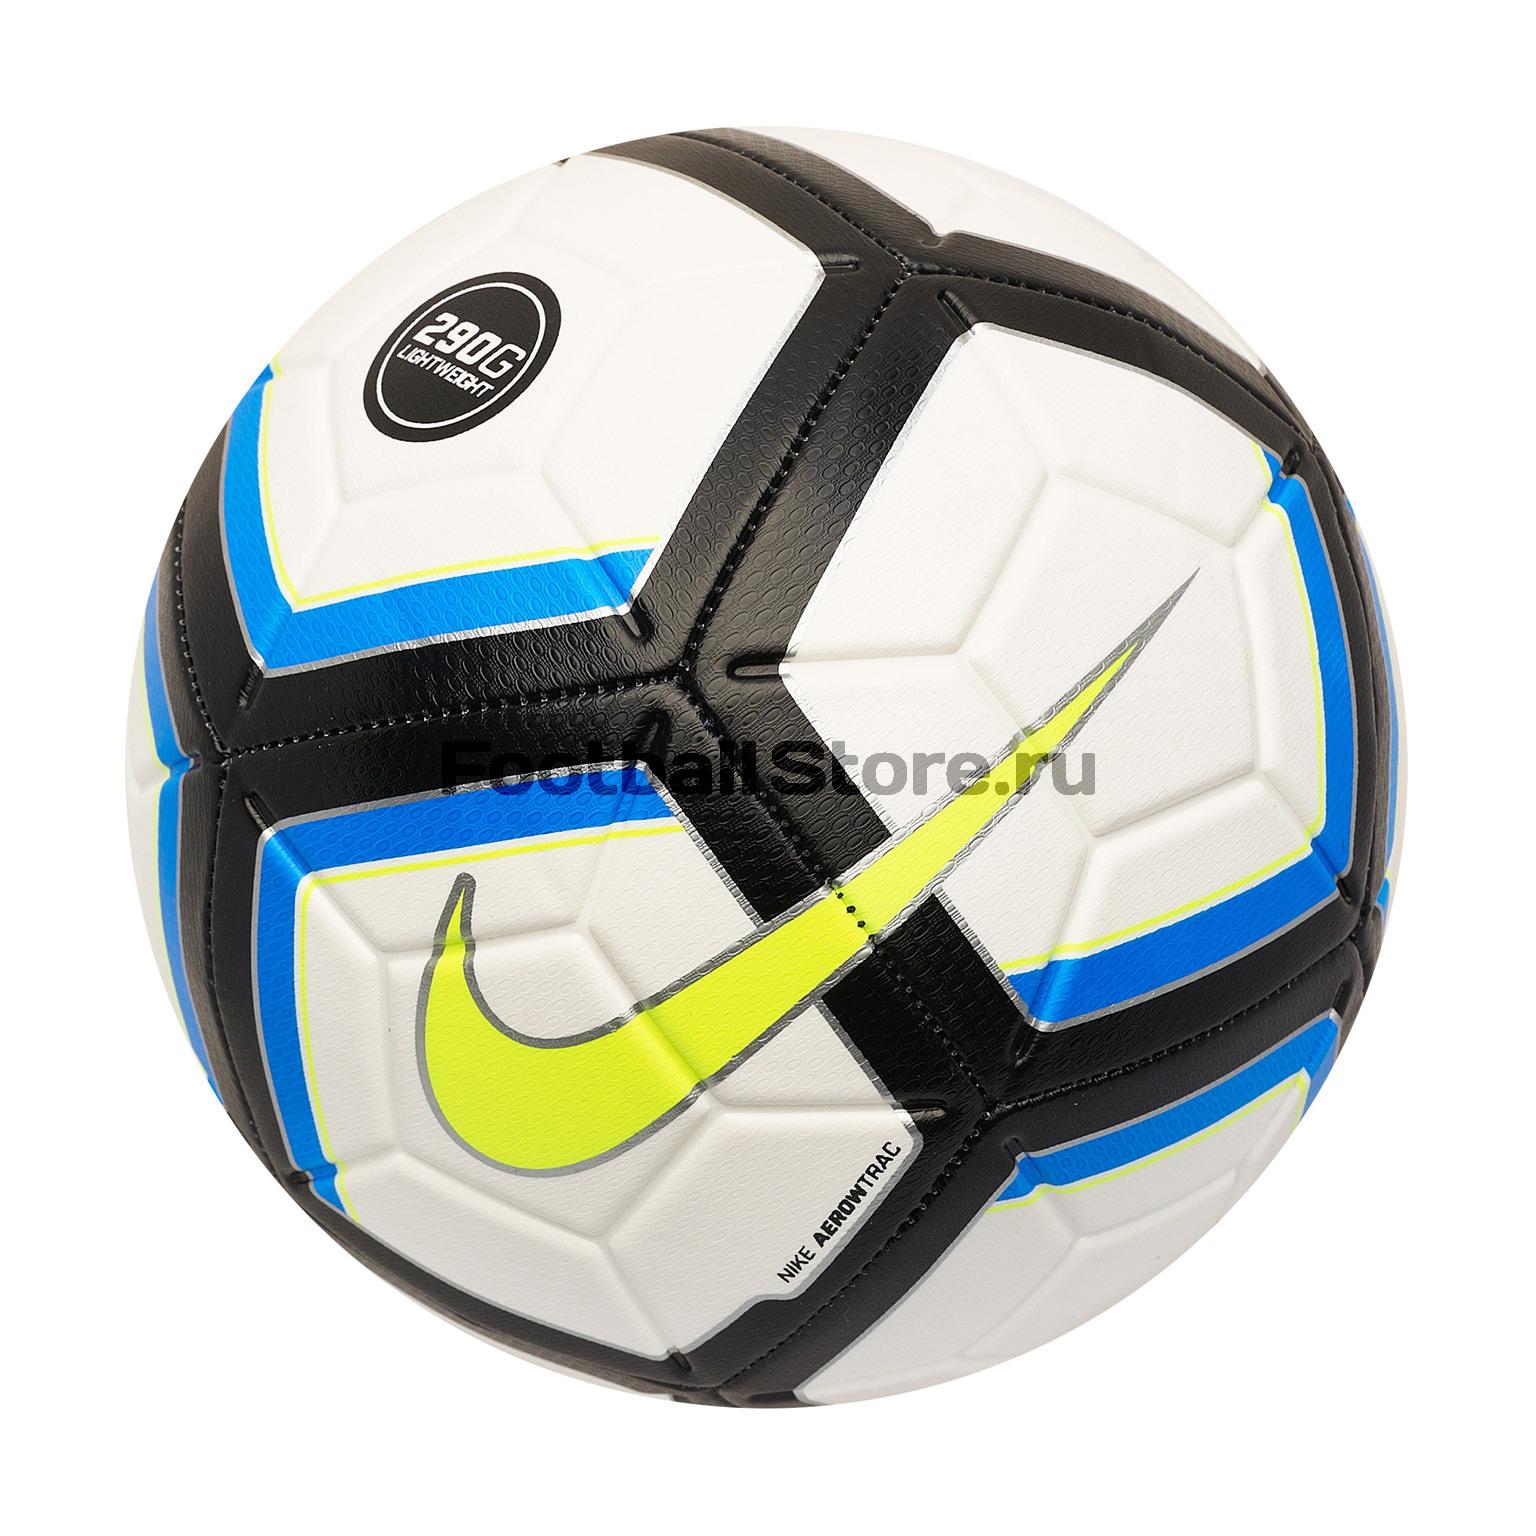 ... Футбольный мяч Nike Strike Team 290G SC3485-100. О ТОВАРЕ  РАСЧЕТ  ДОСТАВКИ 92735c8a370e9